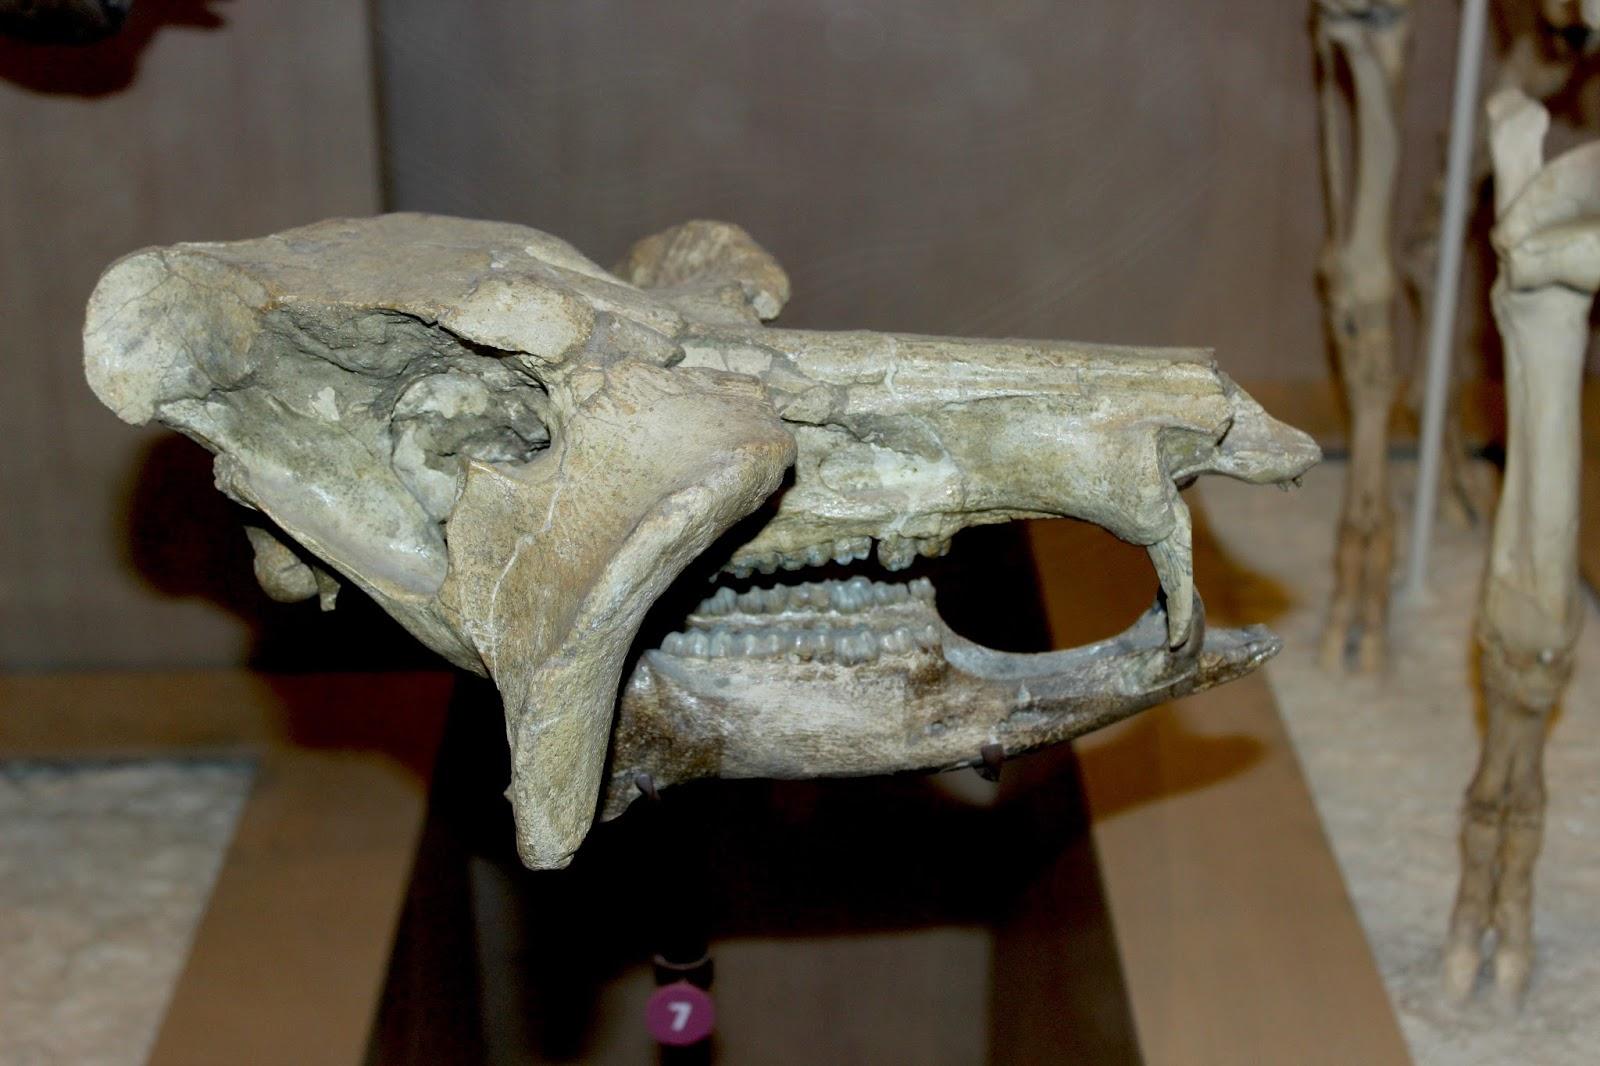 Macrogenis+crassigenis+extinct+fossil+pe